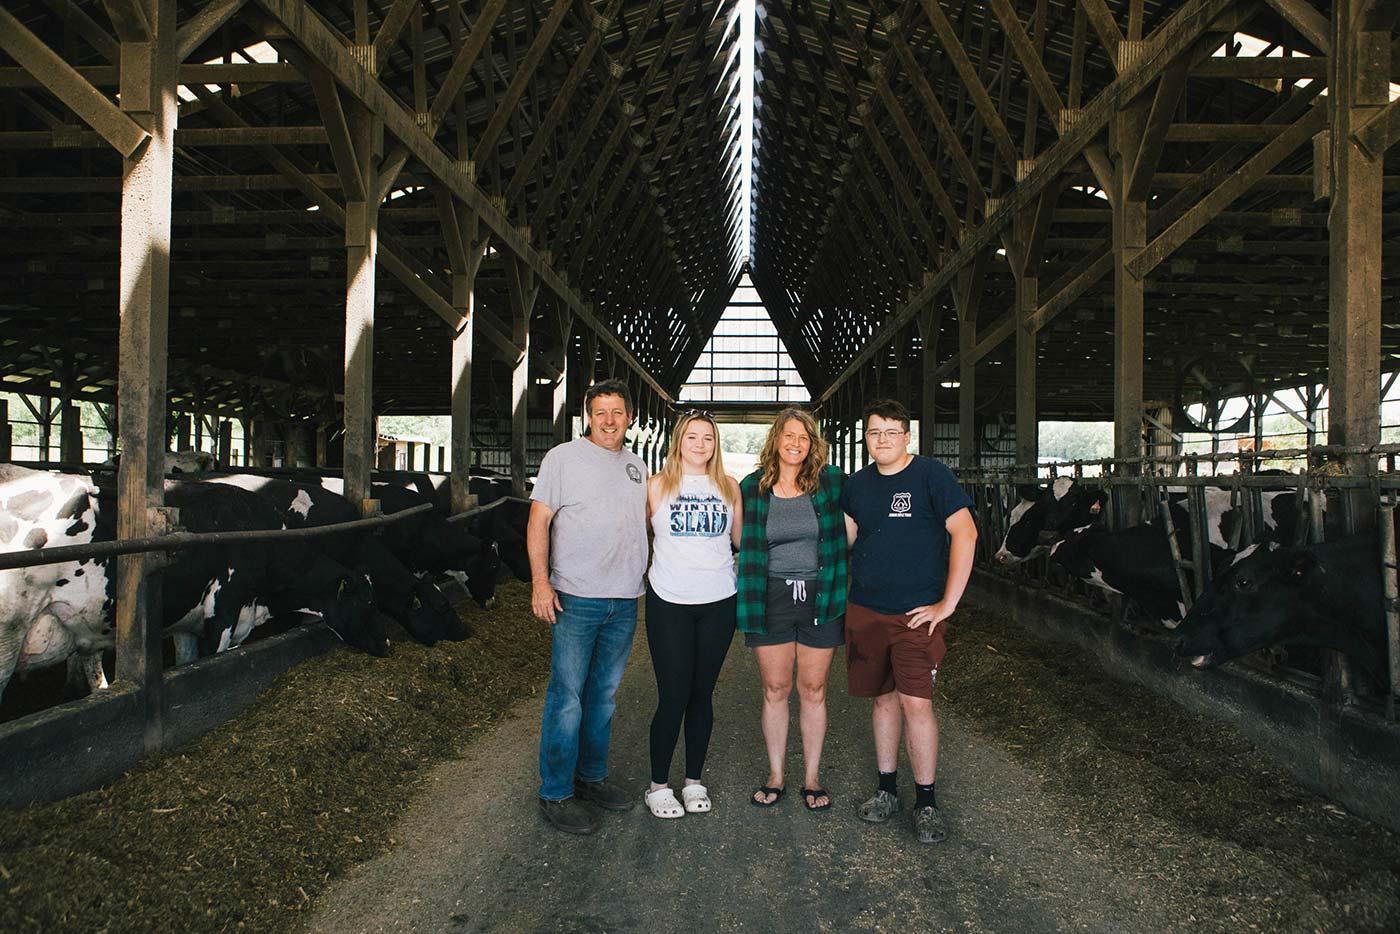 https://www.oakhurstdairy.com/wp-content/uploads/2021/09/farmer-imgs-green-valle1-150x150.jpg